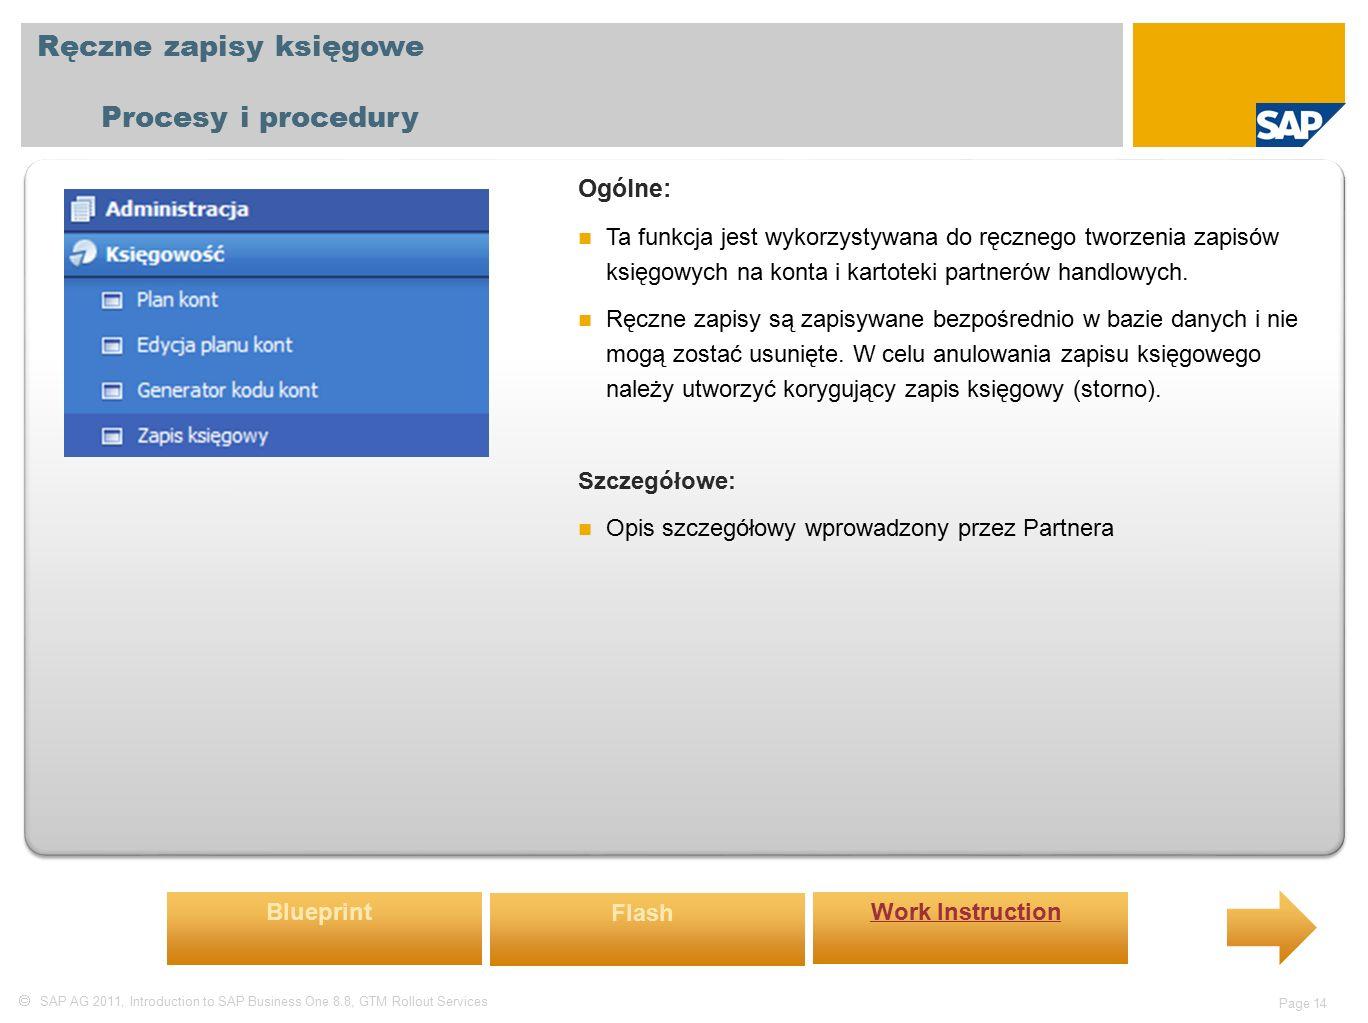  SAP AG 2011, Introduction to SAP Business One 8.8, GTM Rollout Services Page 14 Ręczne zapisy księgowe Procesy i procedury Ogólne: Ta funkcja jest wykorzystywana do ręcznego tworzenia zapisów księgowych na konta i kartoteki partnerów handlowych.